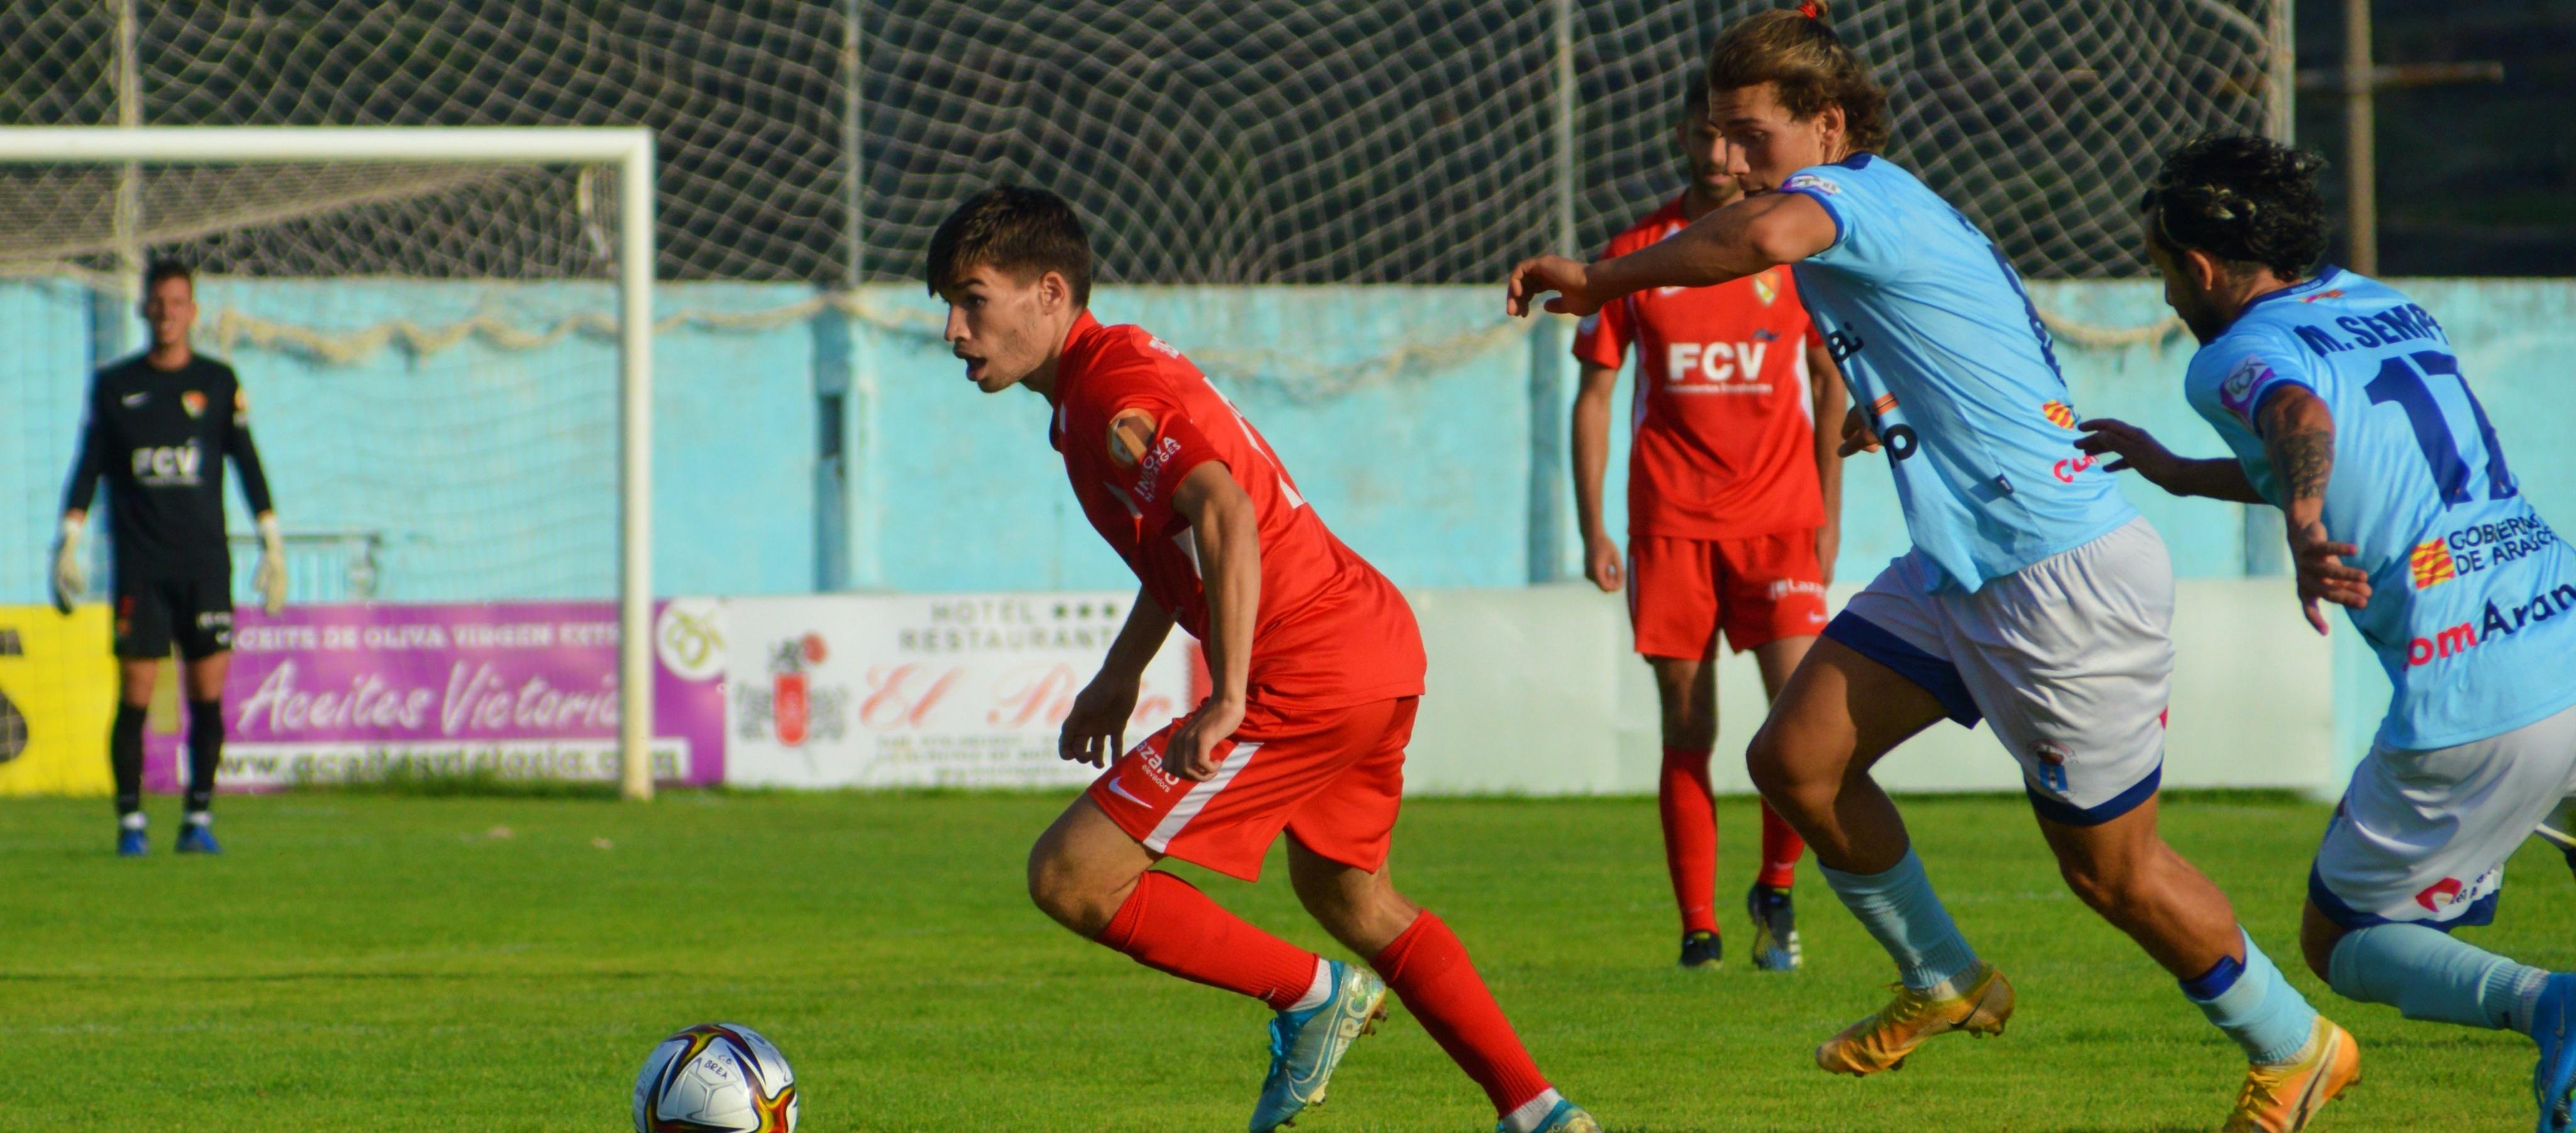 Resum i gols de la jornada 2 de la Segona RFEF (Grup 3)